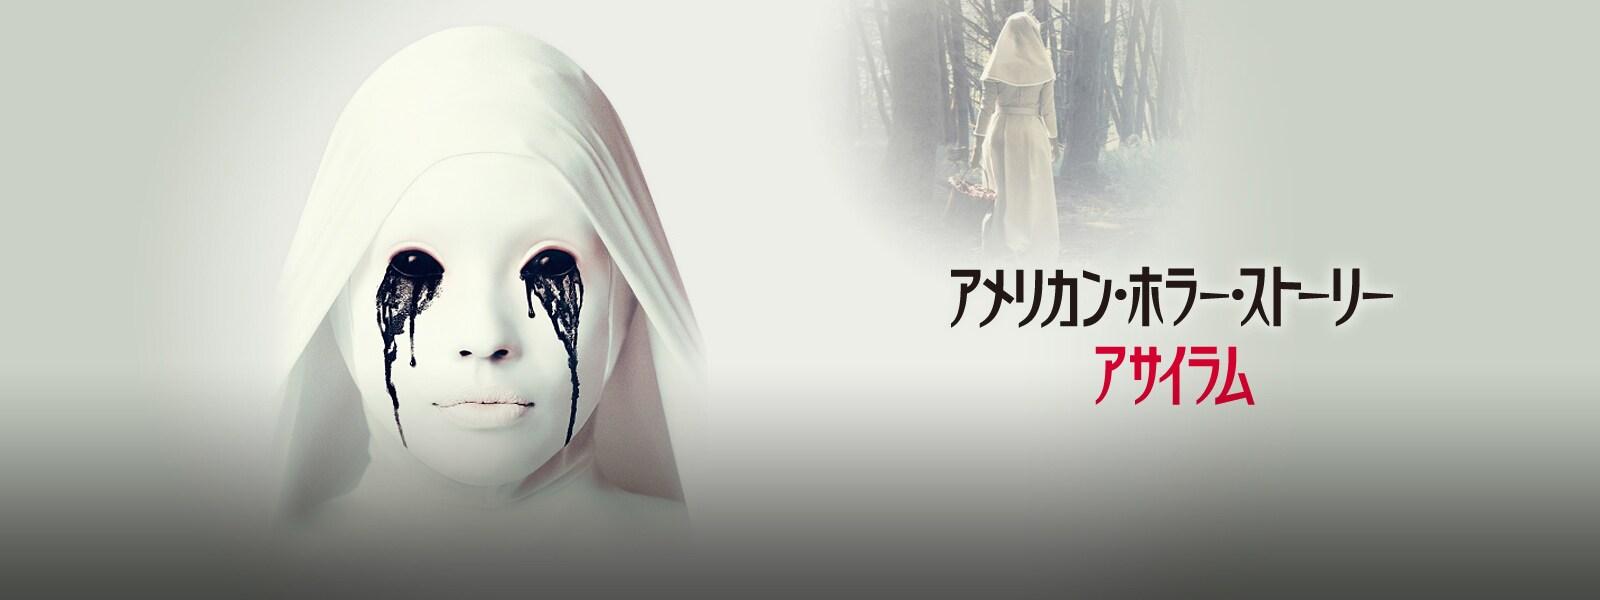 アメリカン・ホラー・ストーリー:アサイラム(シーズン2) American Horror Story: Asylum Hero Object